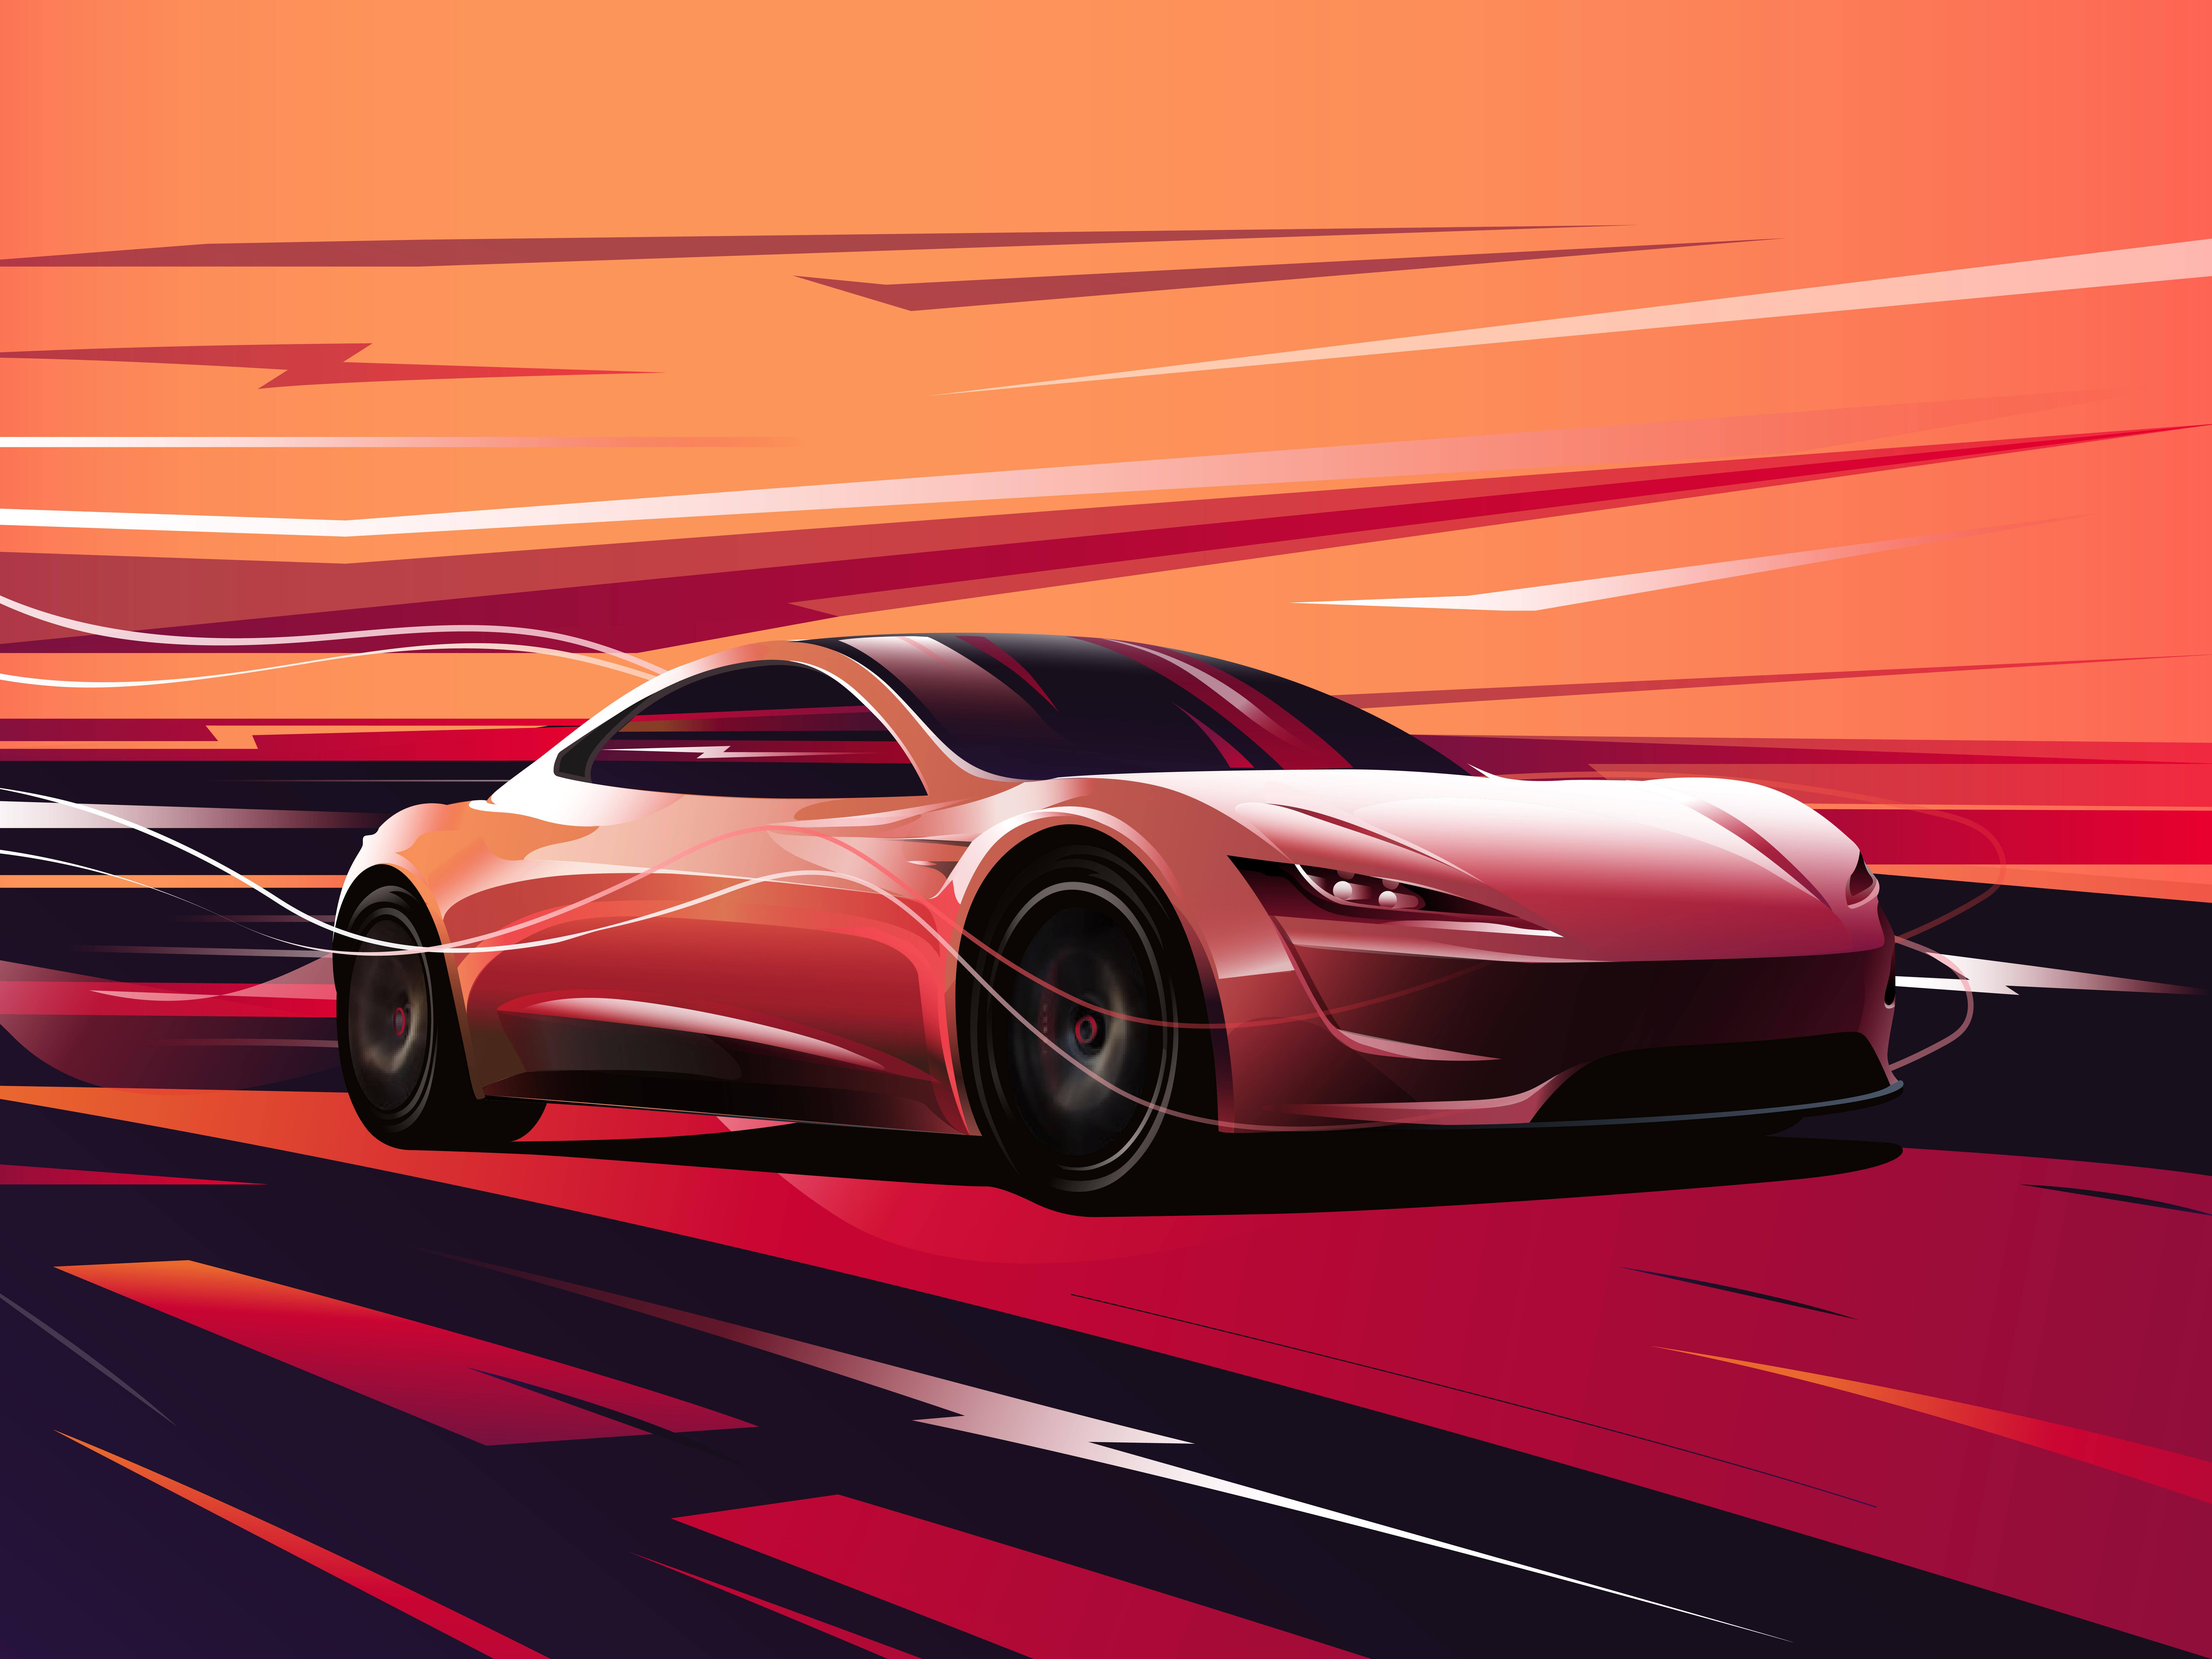 Tesla Roadster Digital Art 8k Hd Cars 4k Wallpapers